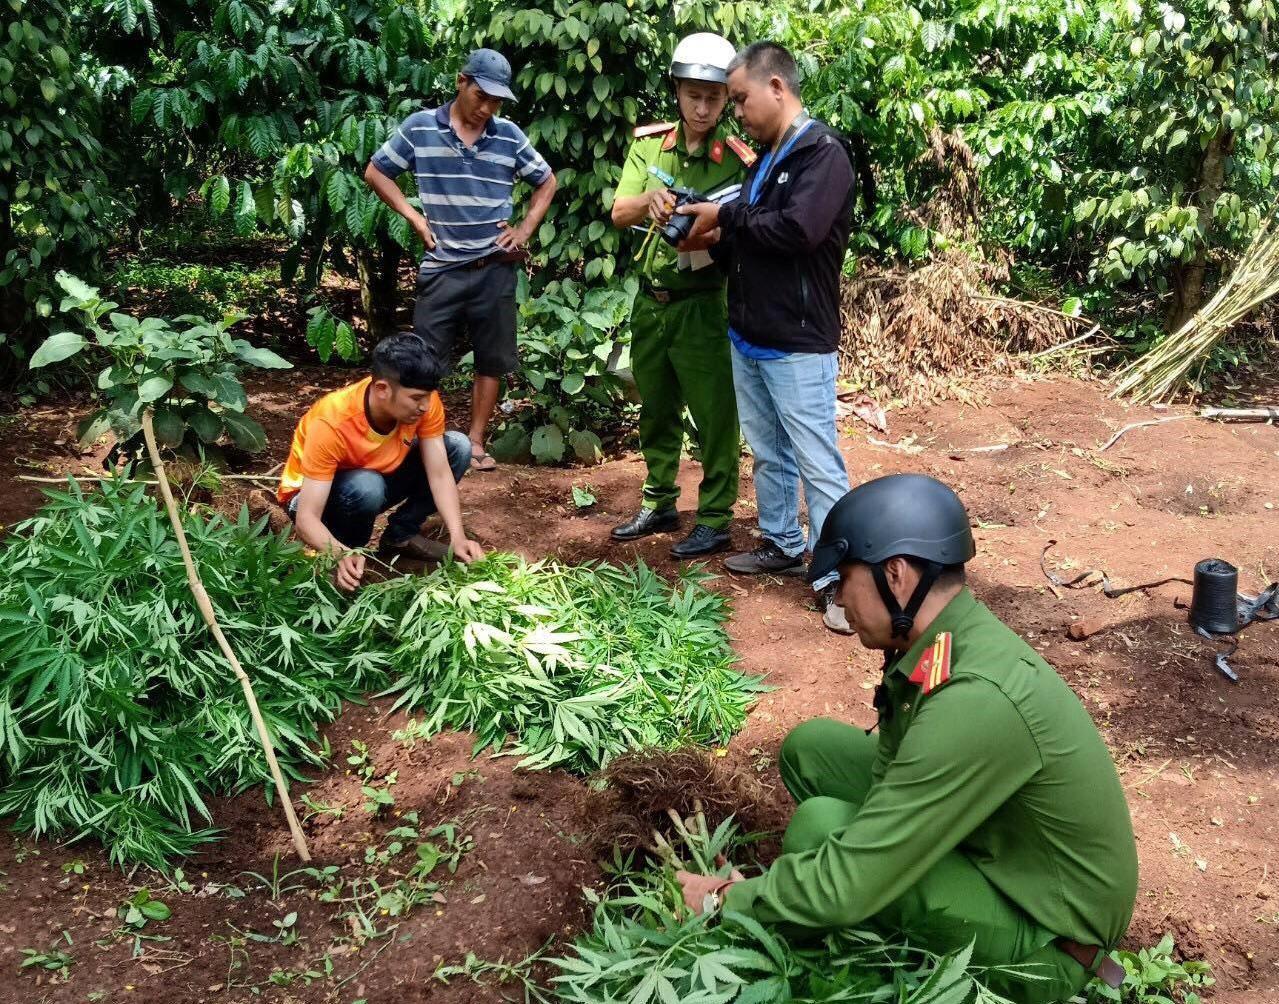 Nhổ bỏ 539 cây cần sa trồng trái phép ở xã Cư Pơng, huyện Krông Búk